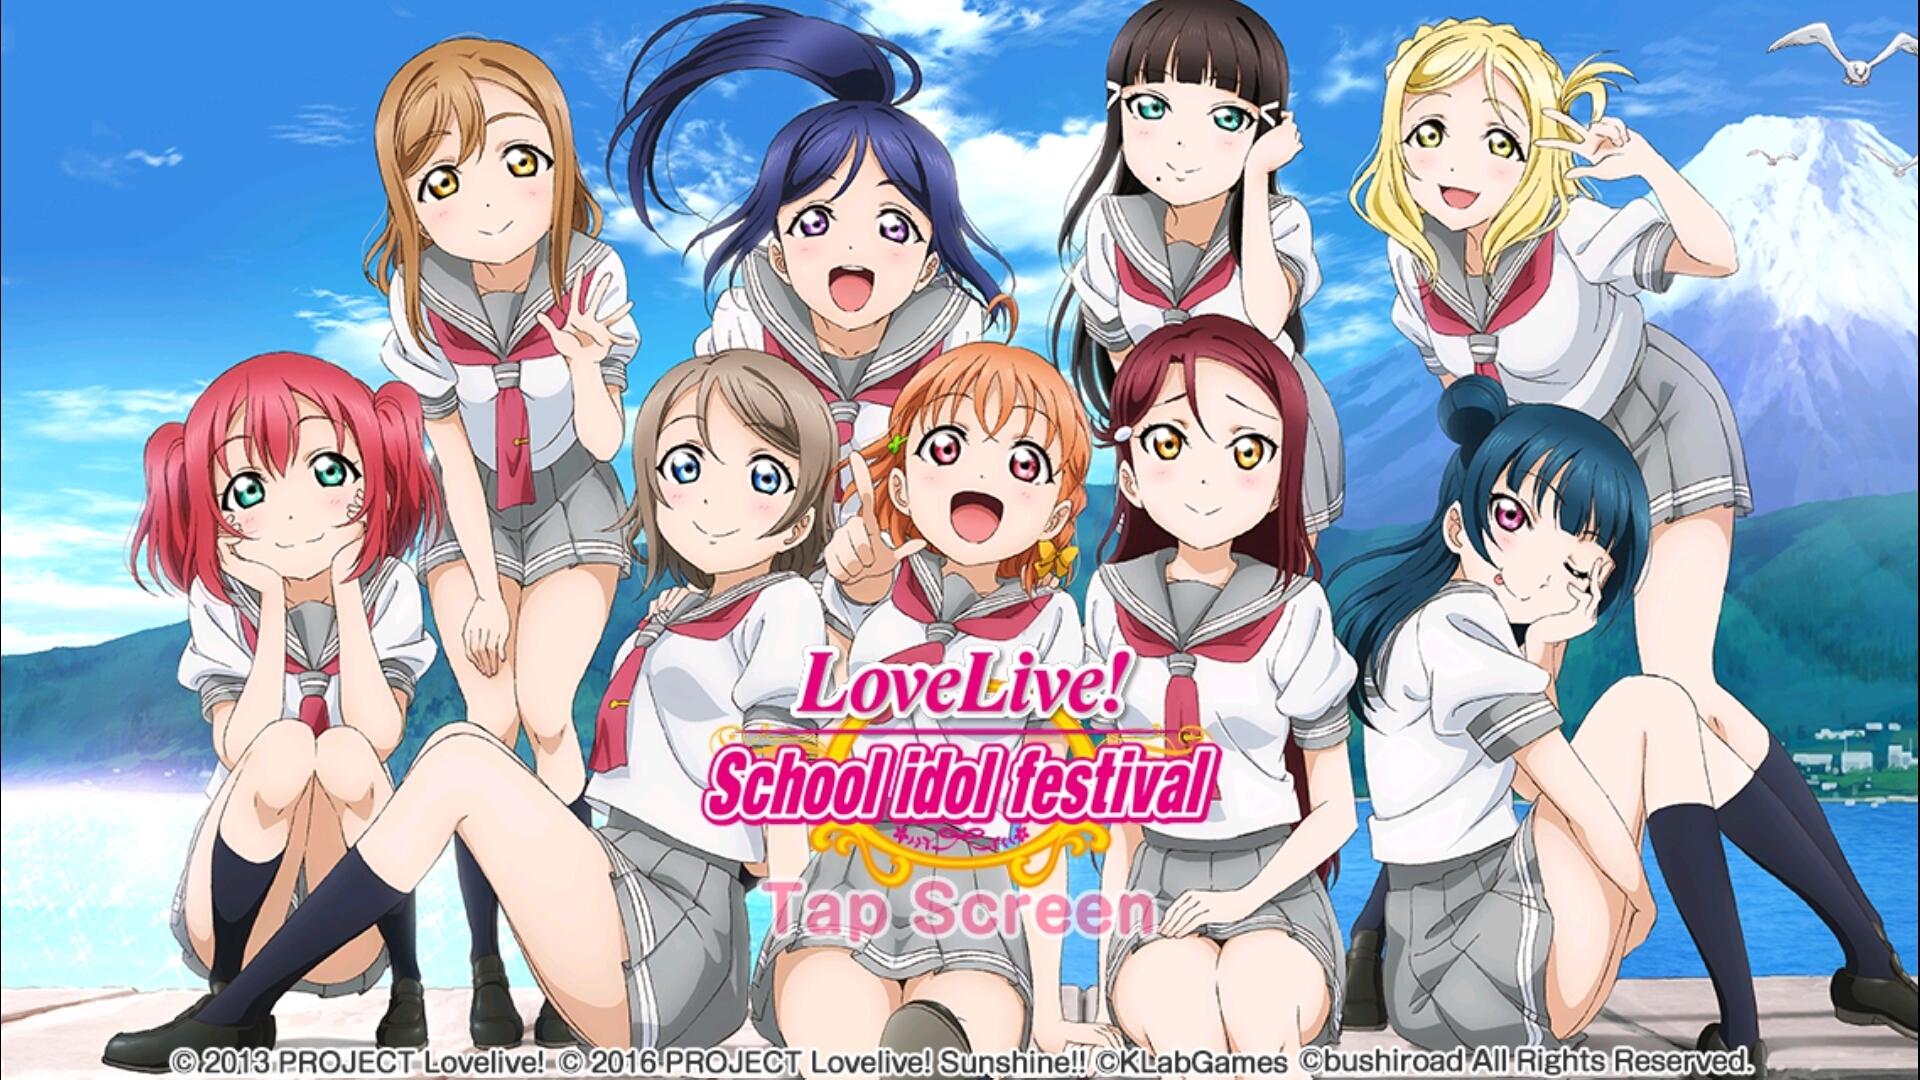 love live.jpg